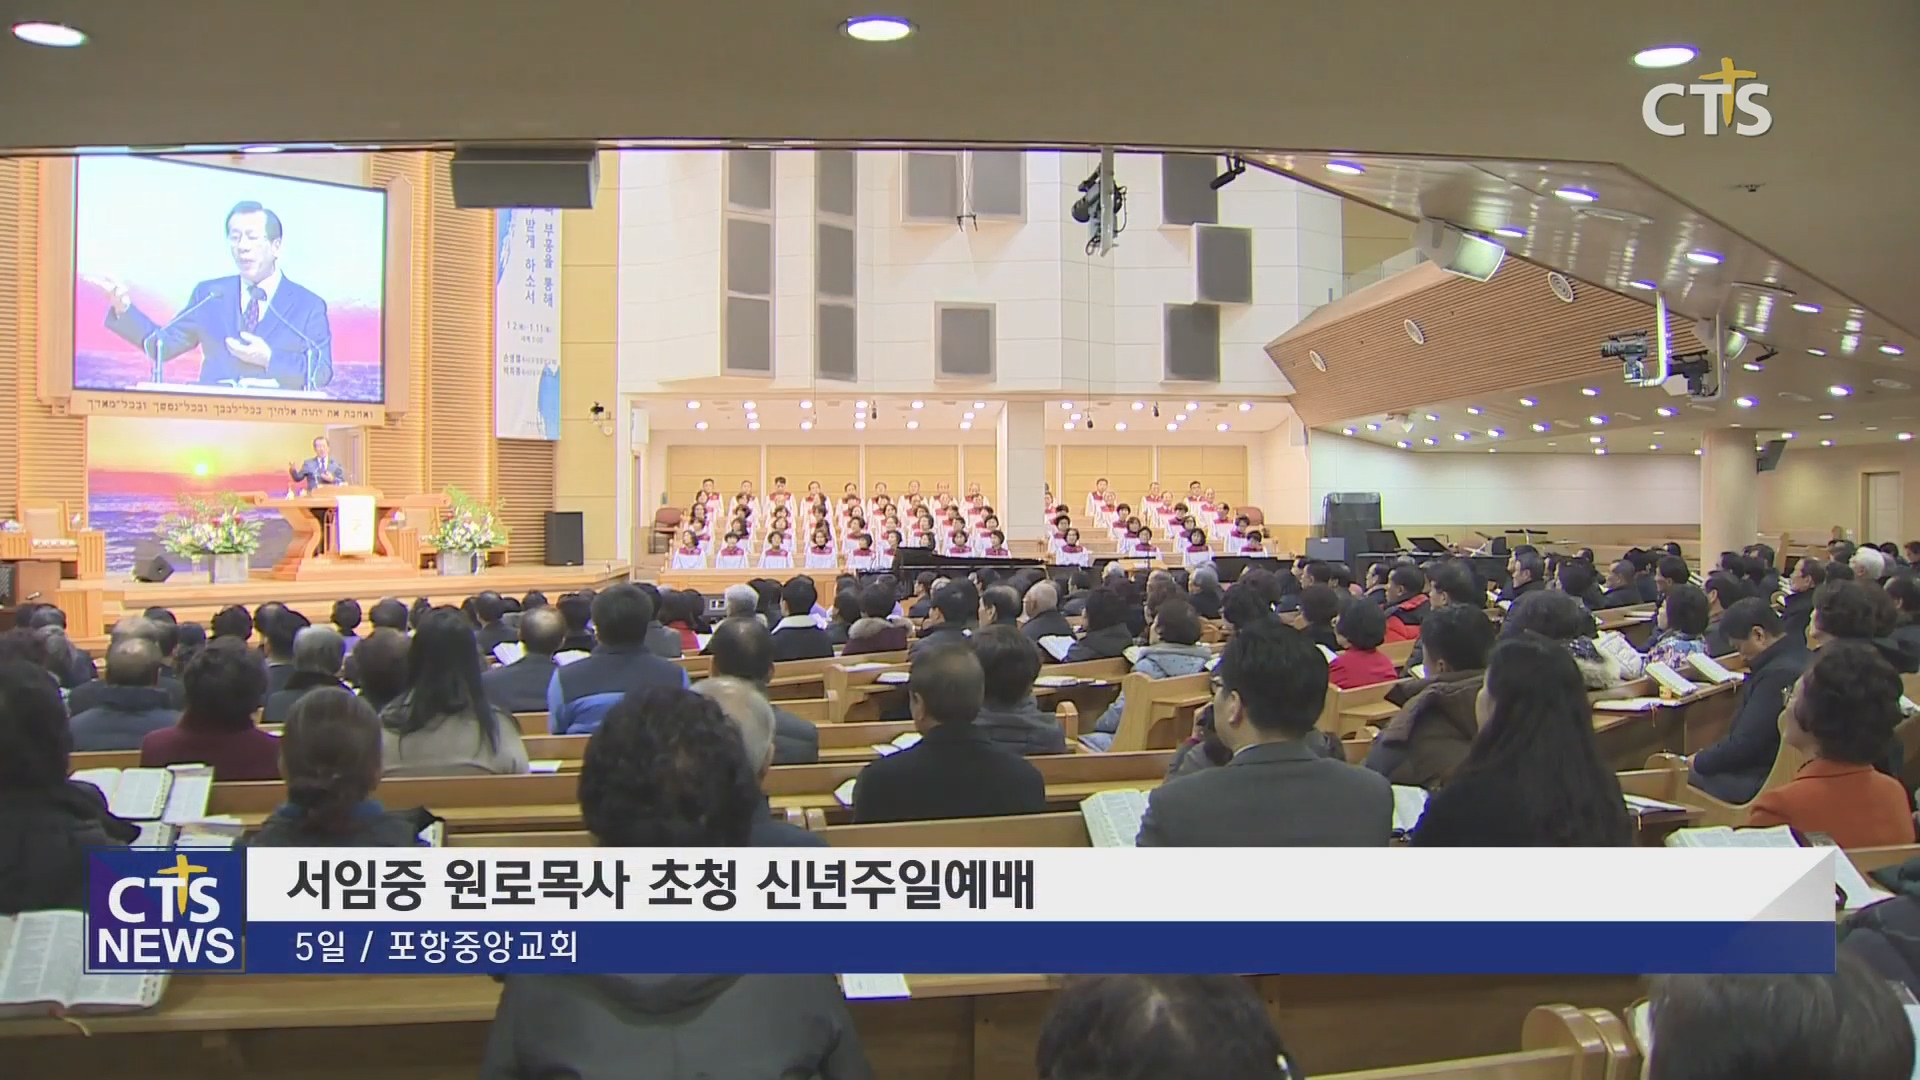 포항중앙교회 서임중 원로목사 초청 신년주일예배